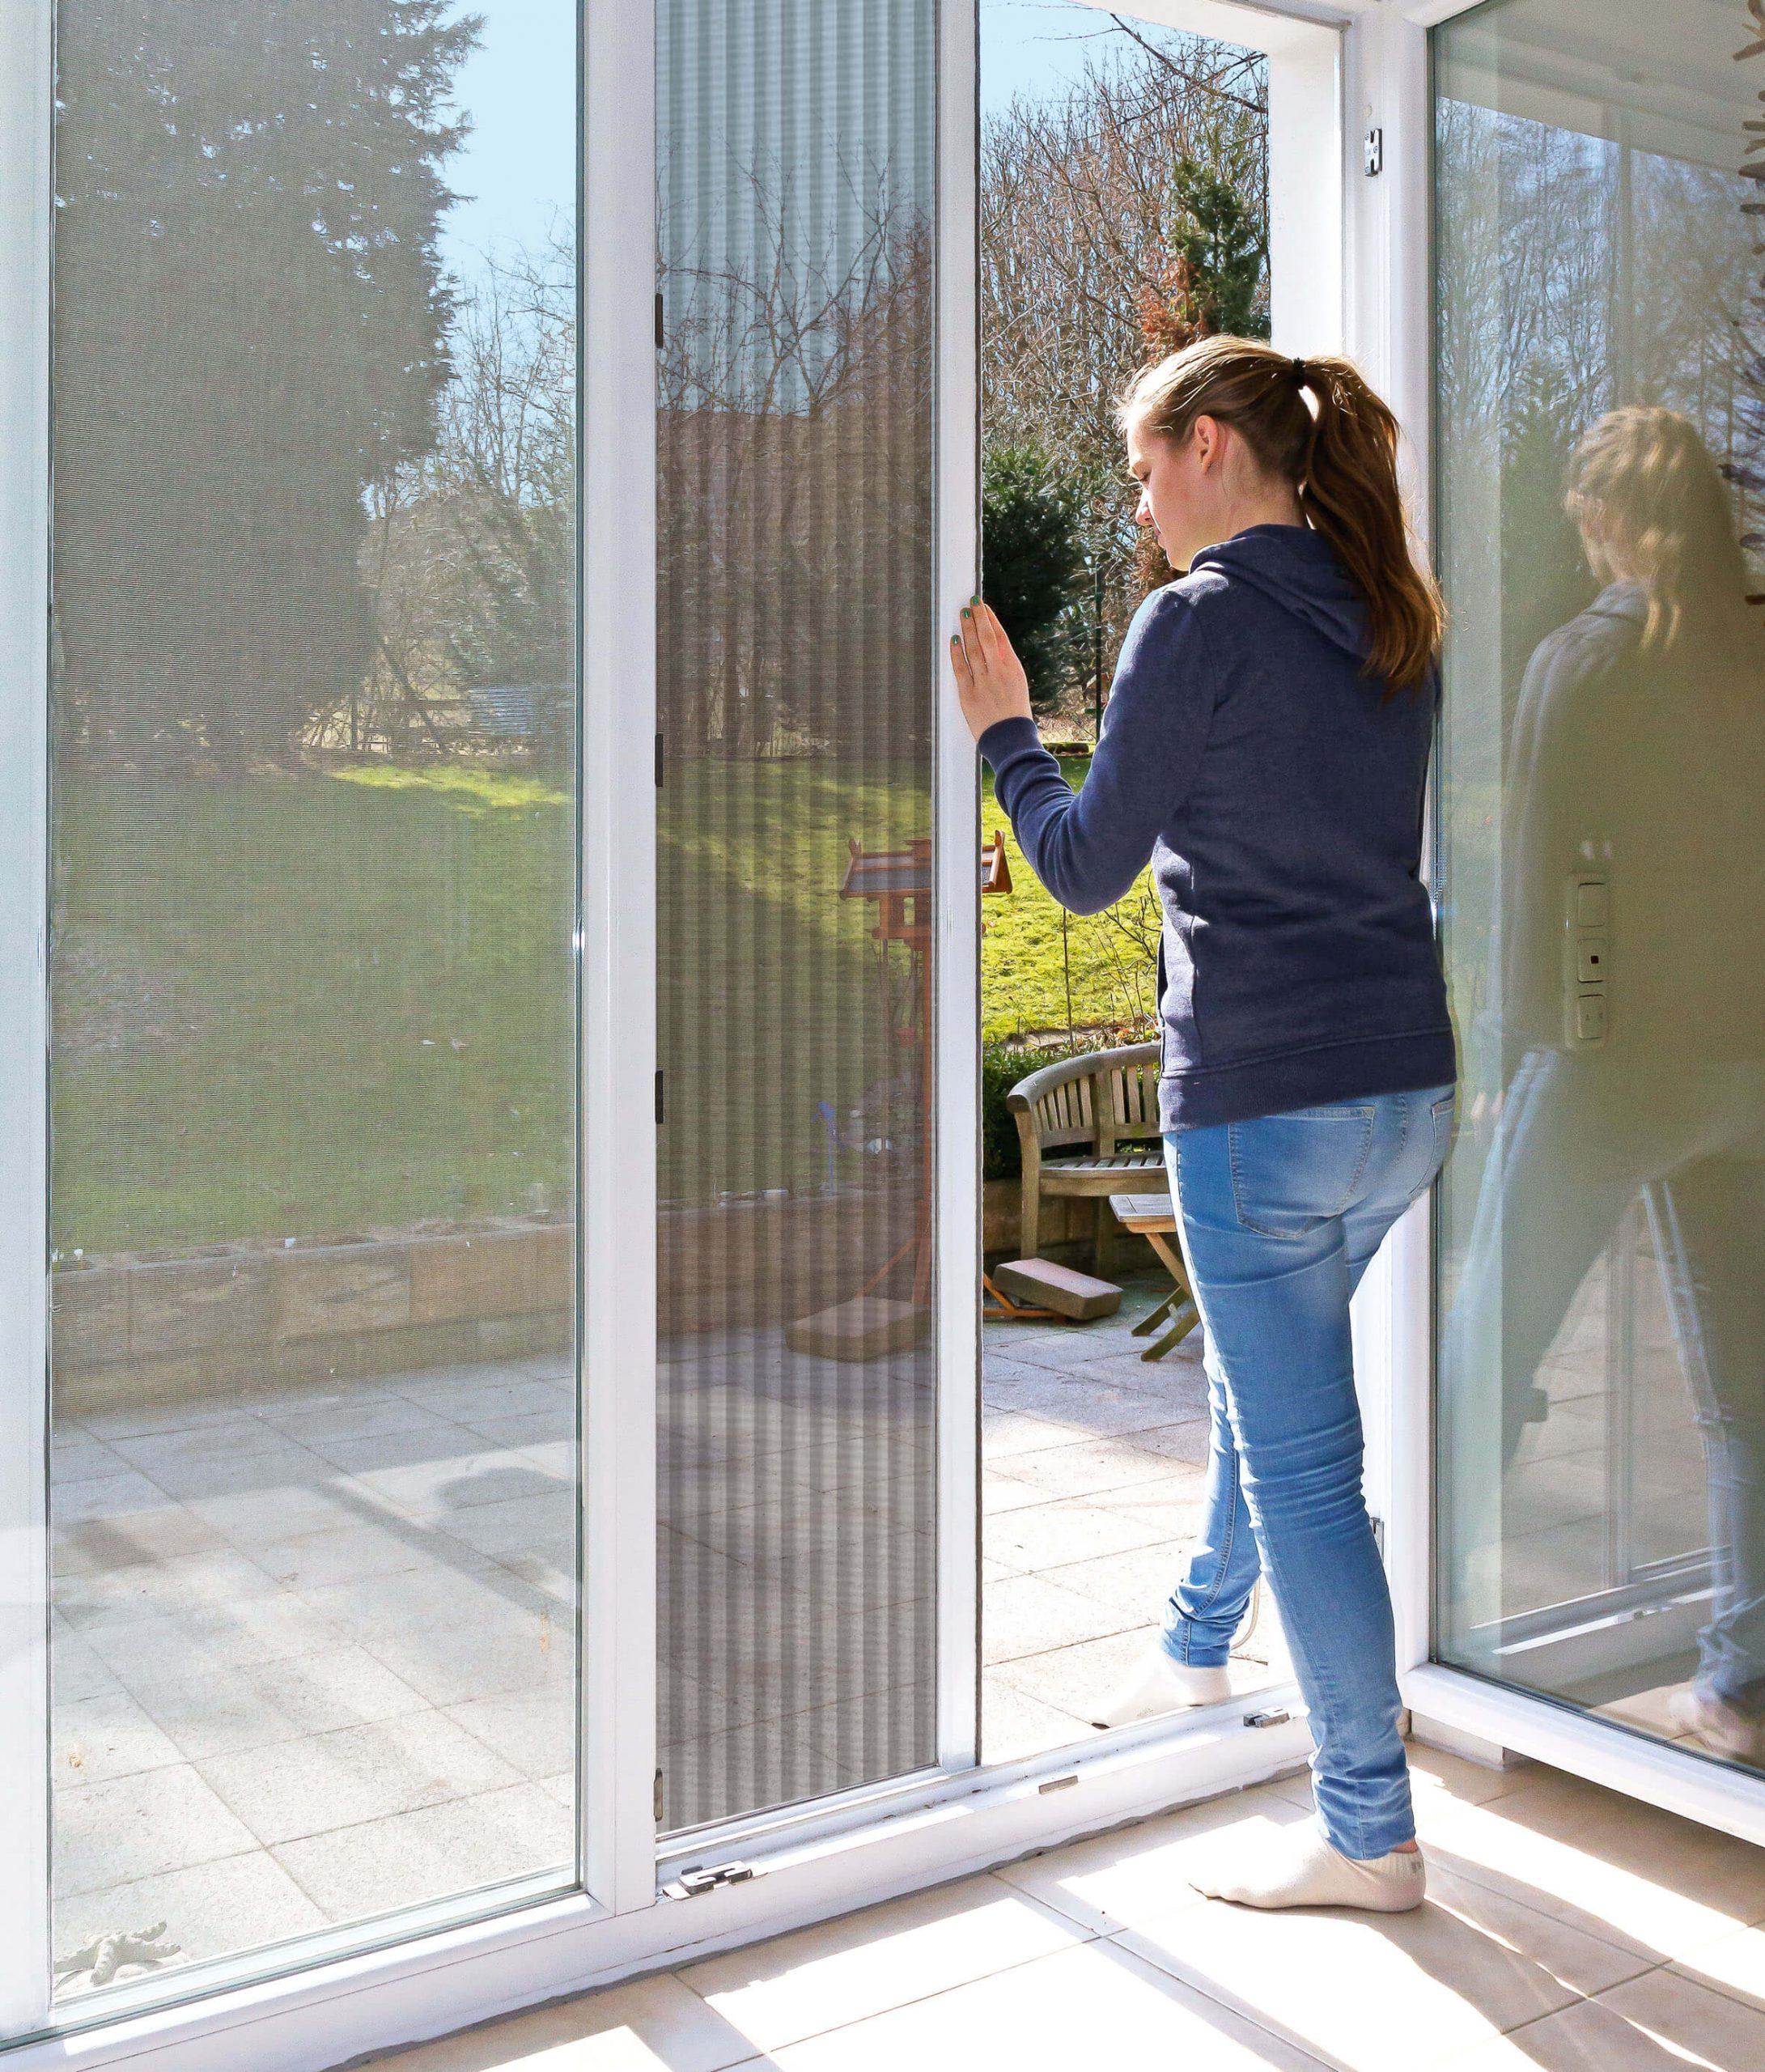 Full Size of Fenster Deutschland Schweiz Kaufen Velbert Detail Schnitt Fensterdeko Weihnachten Led Deko Der Die Oder Das Fenster Fenster.de